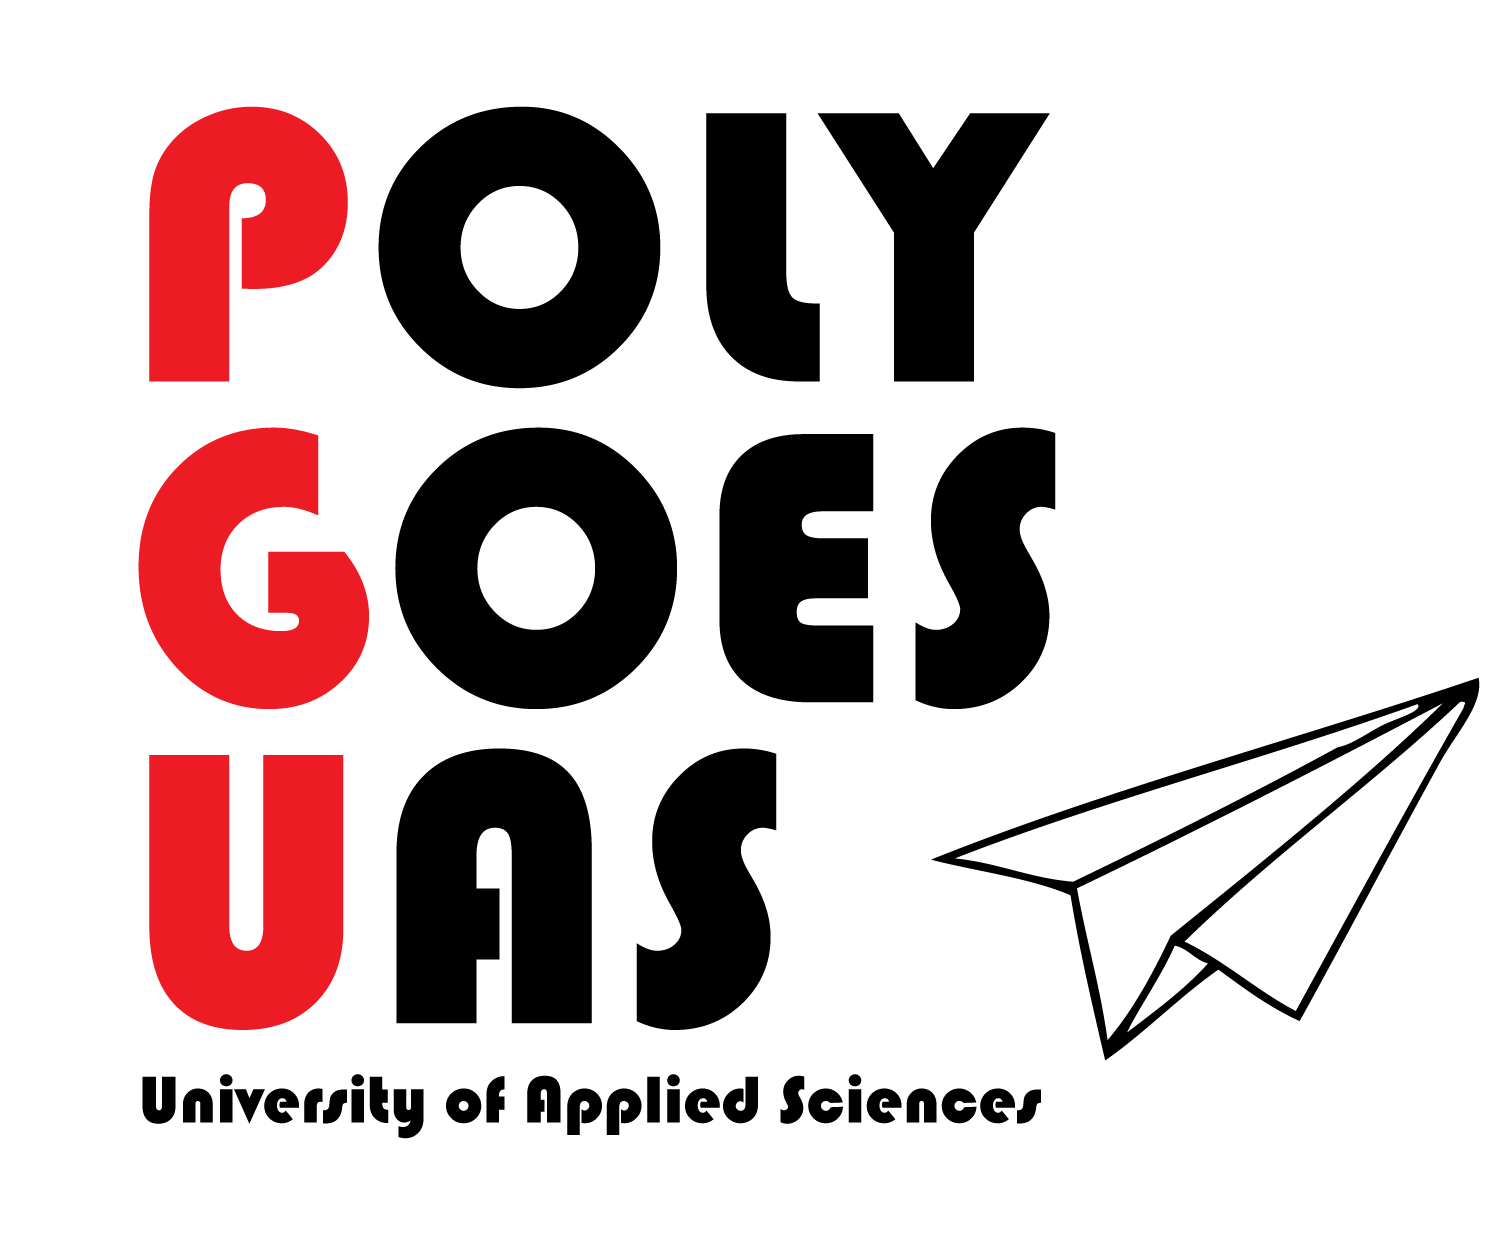 pgulogo2.png